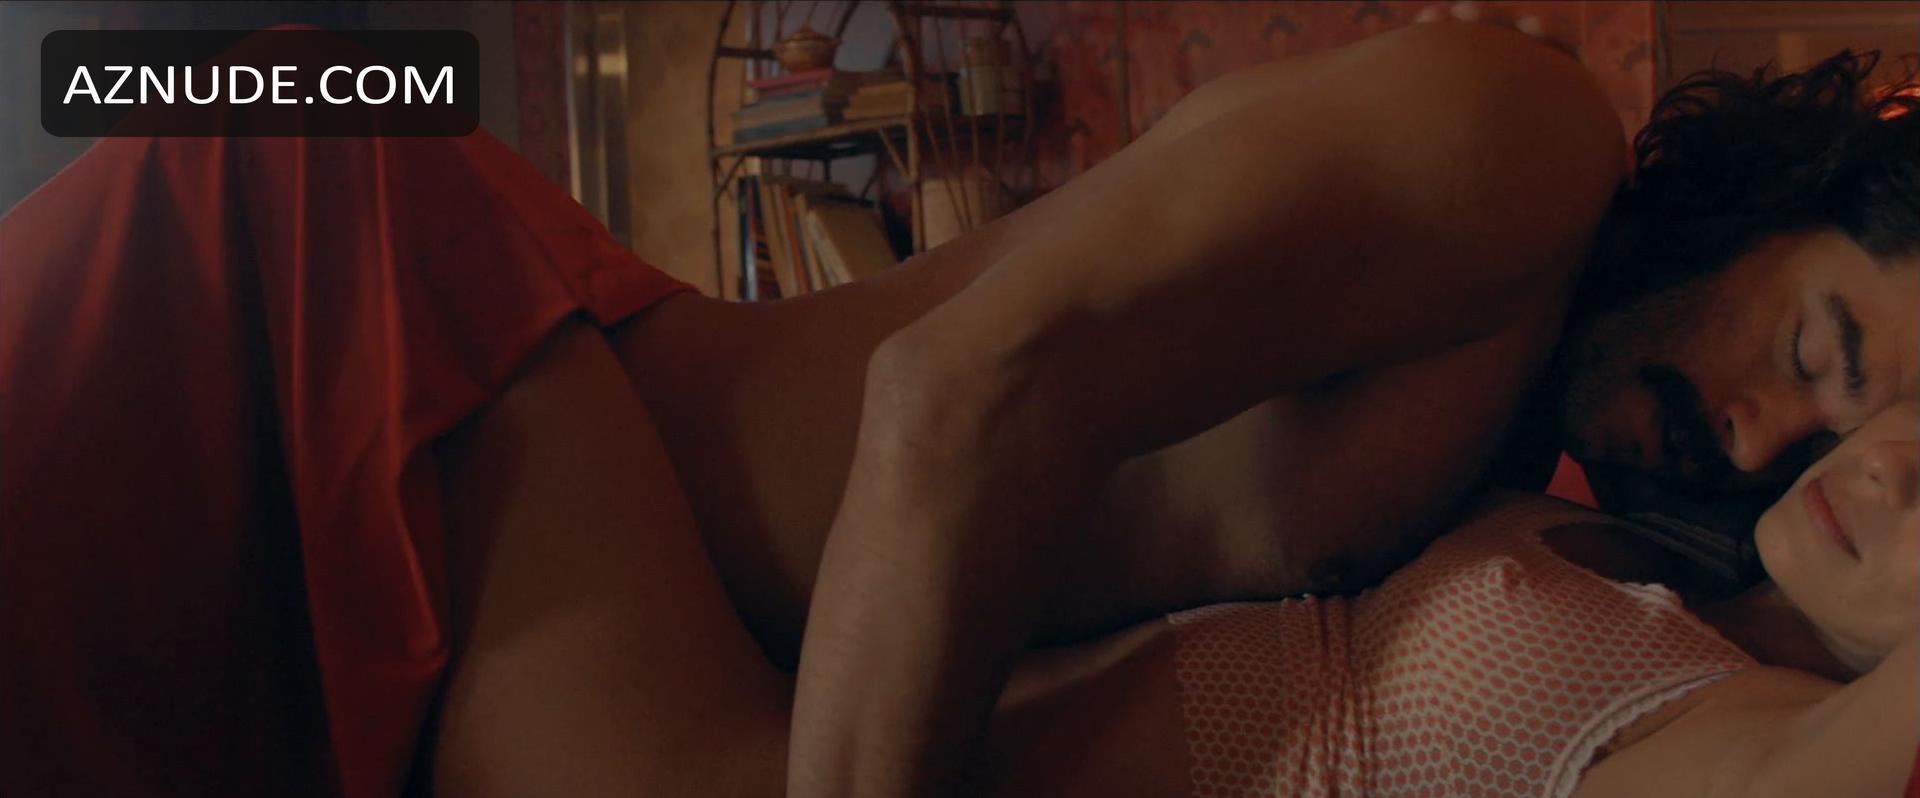 Best Carolina Ardohain In The Nude Jpg